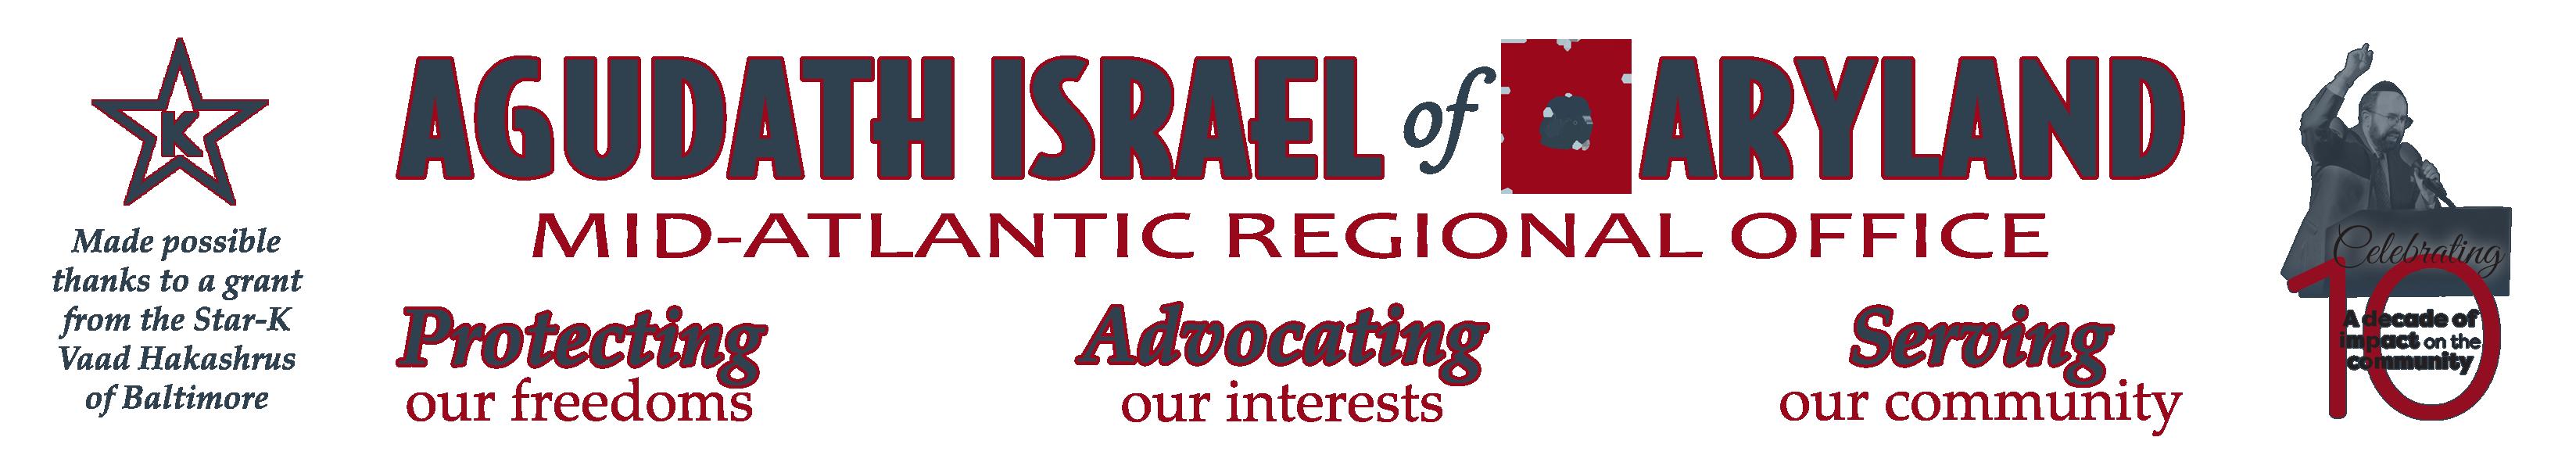 Agudath Israel of Maryland